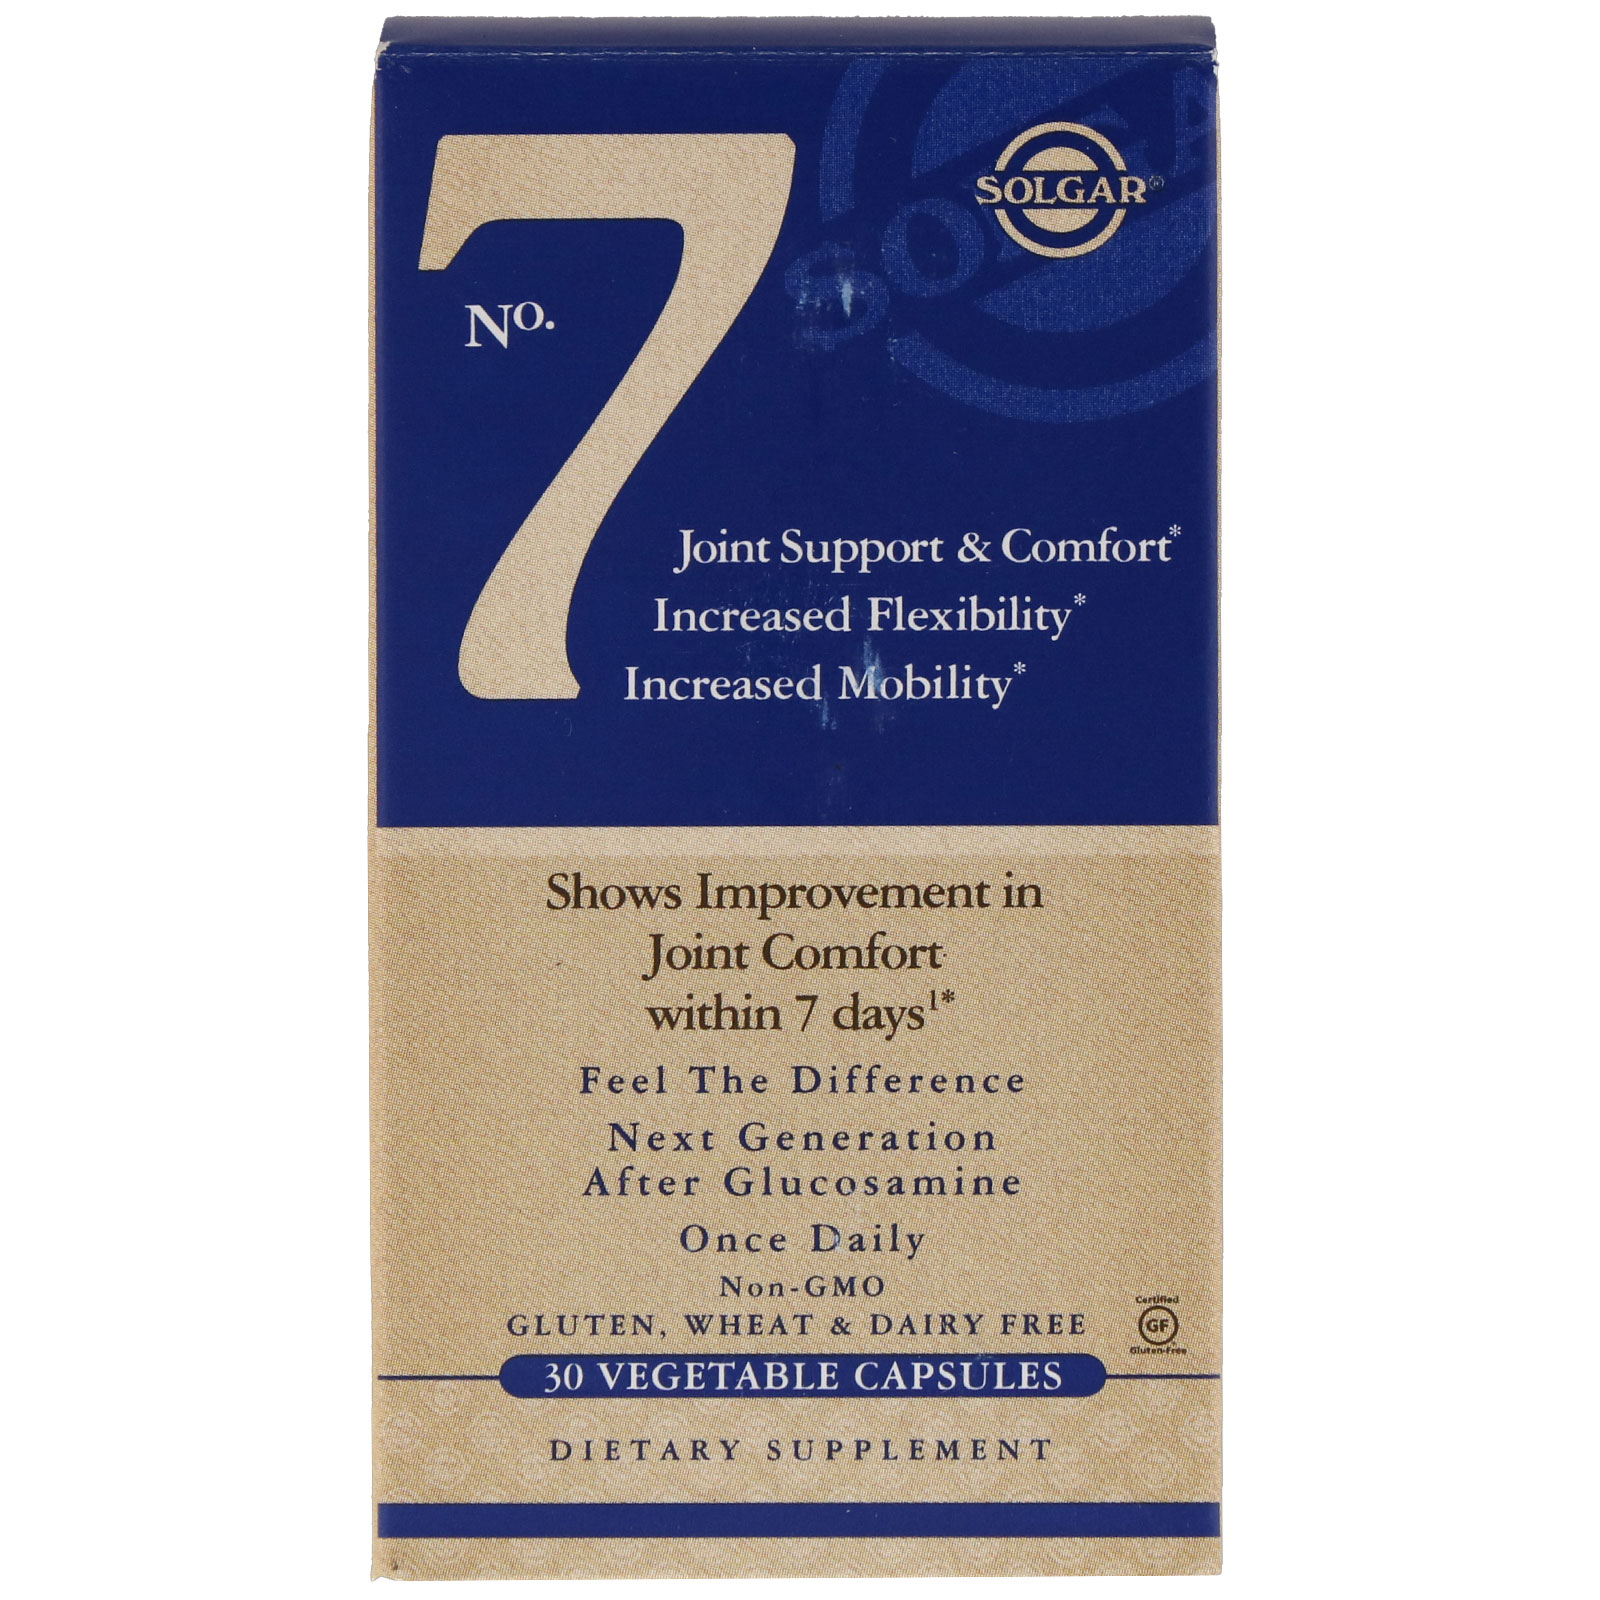 Solgar, No. 7, для комфорта и поддержки суставов, 30 капсул на растительной основе